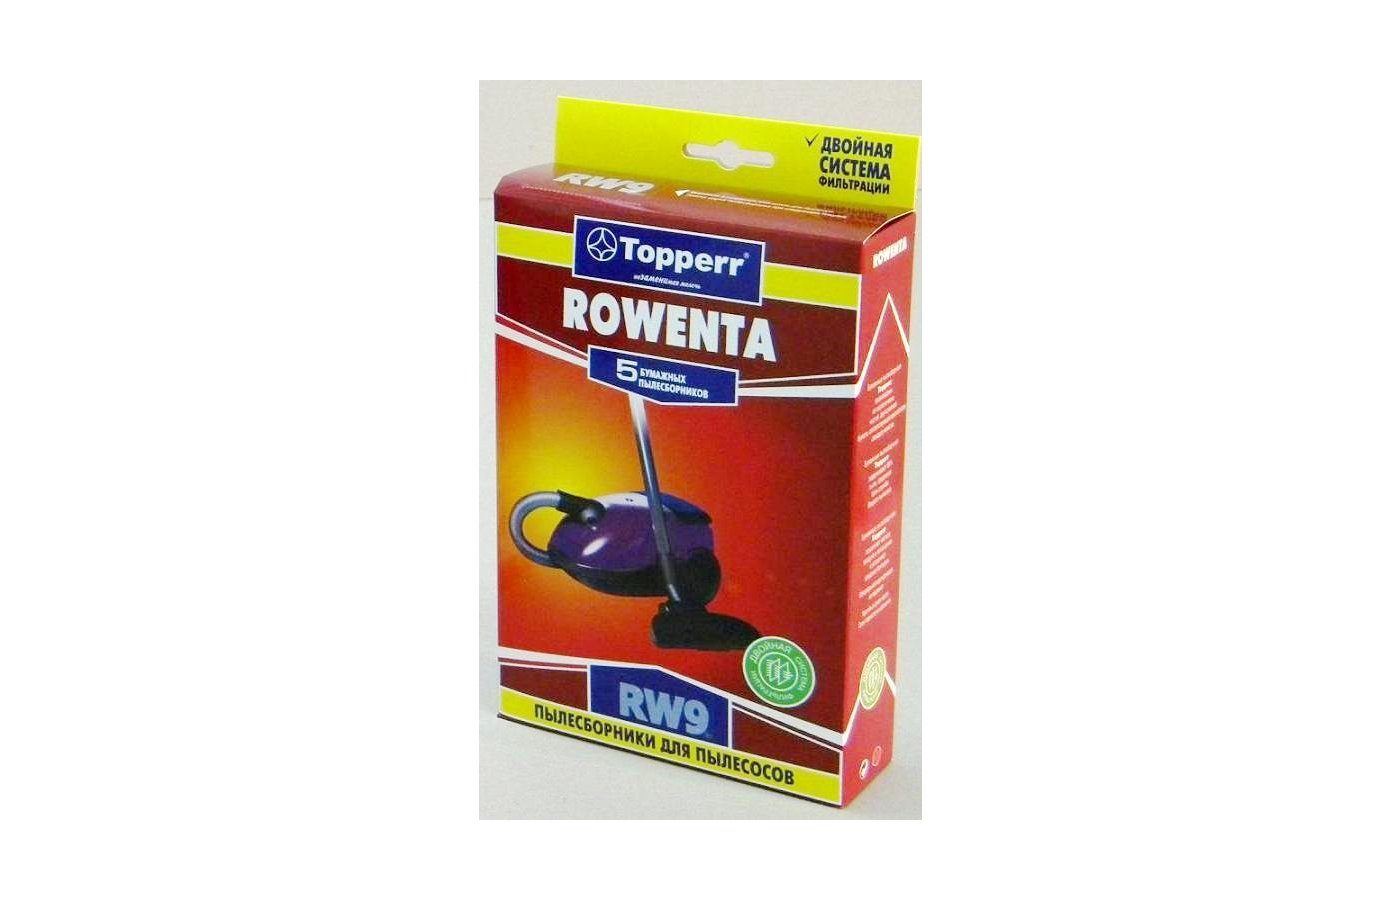 Пылесборники TOPPERR 1028 RW 9 для Rowenta (Artec/Tonixo) 5шт